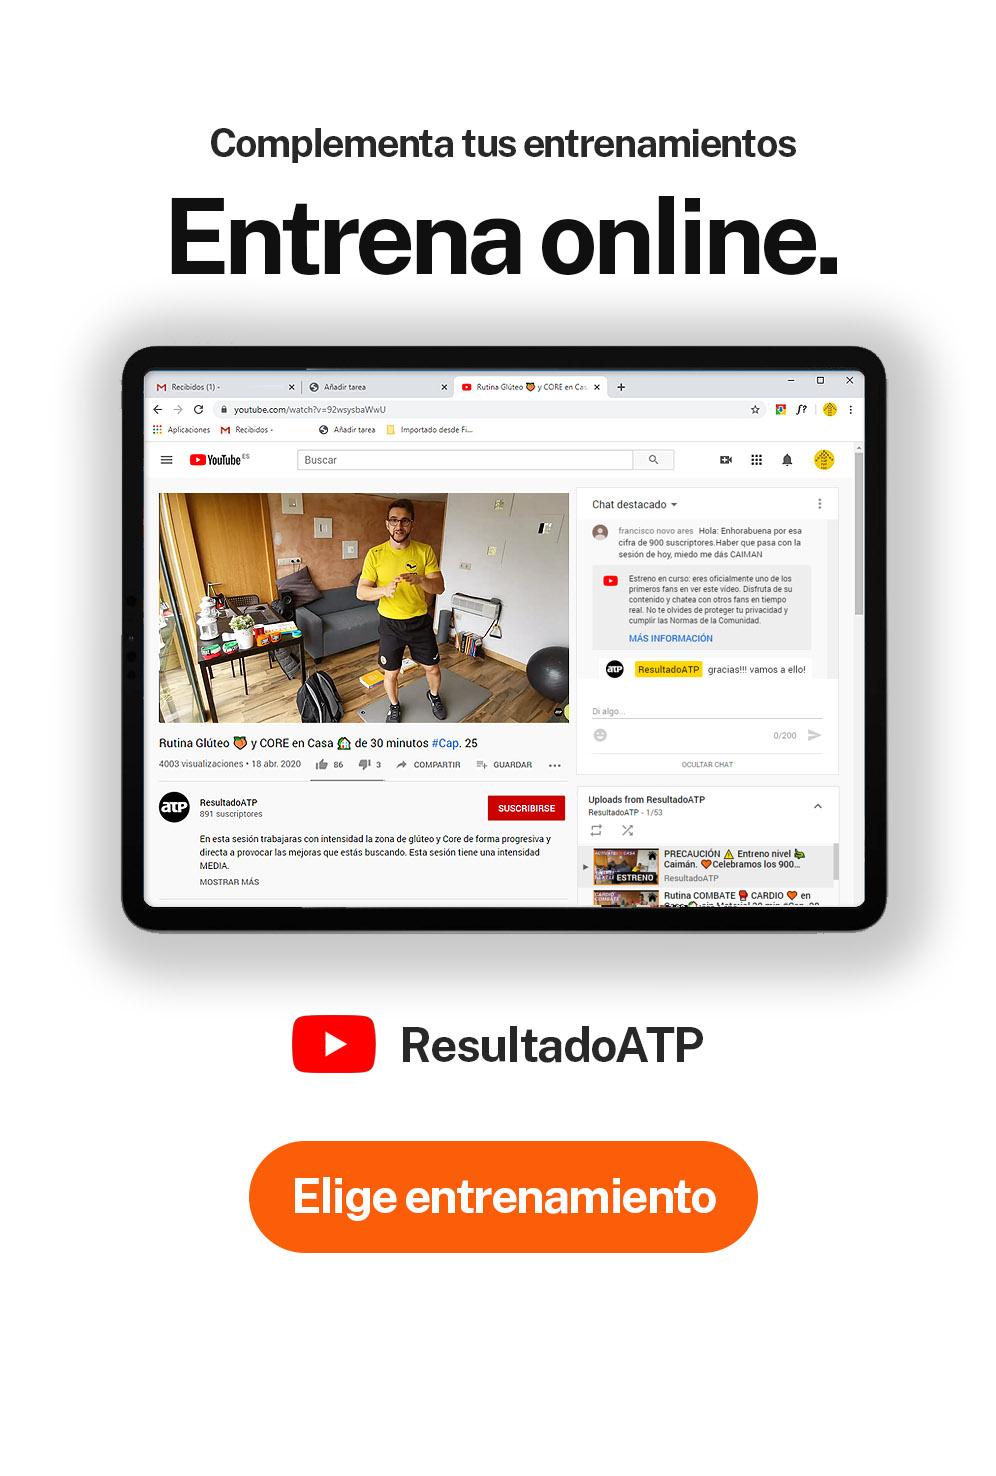 Capa superior online